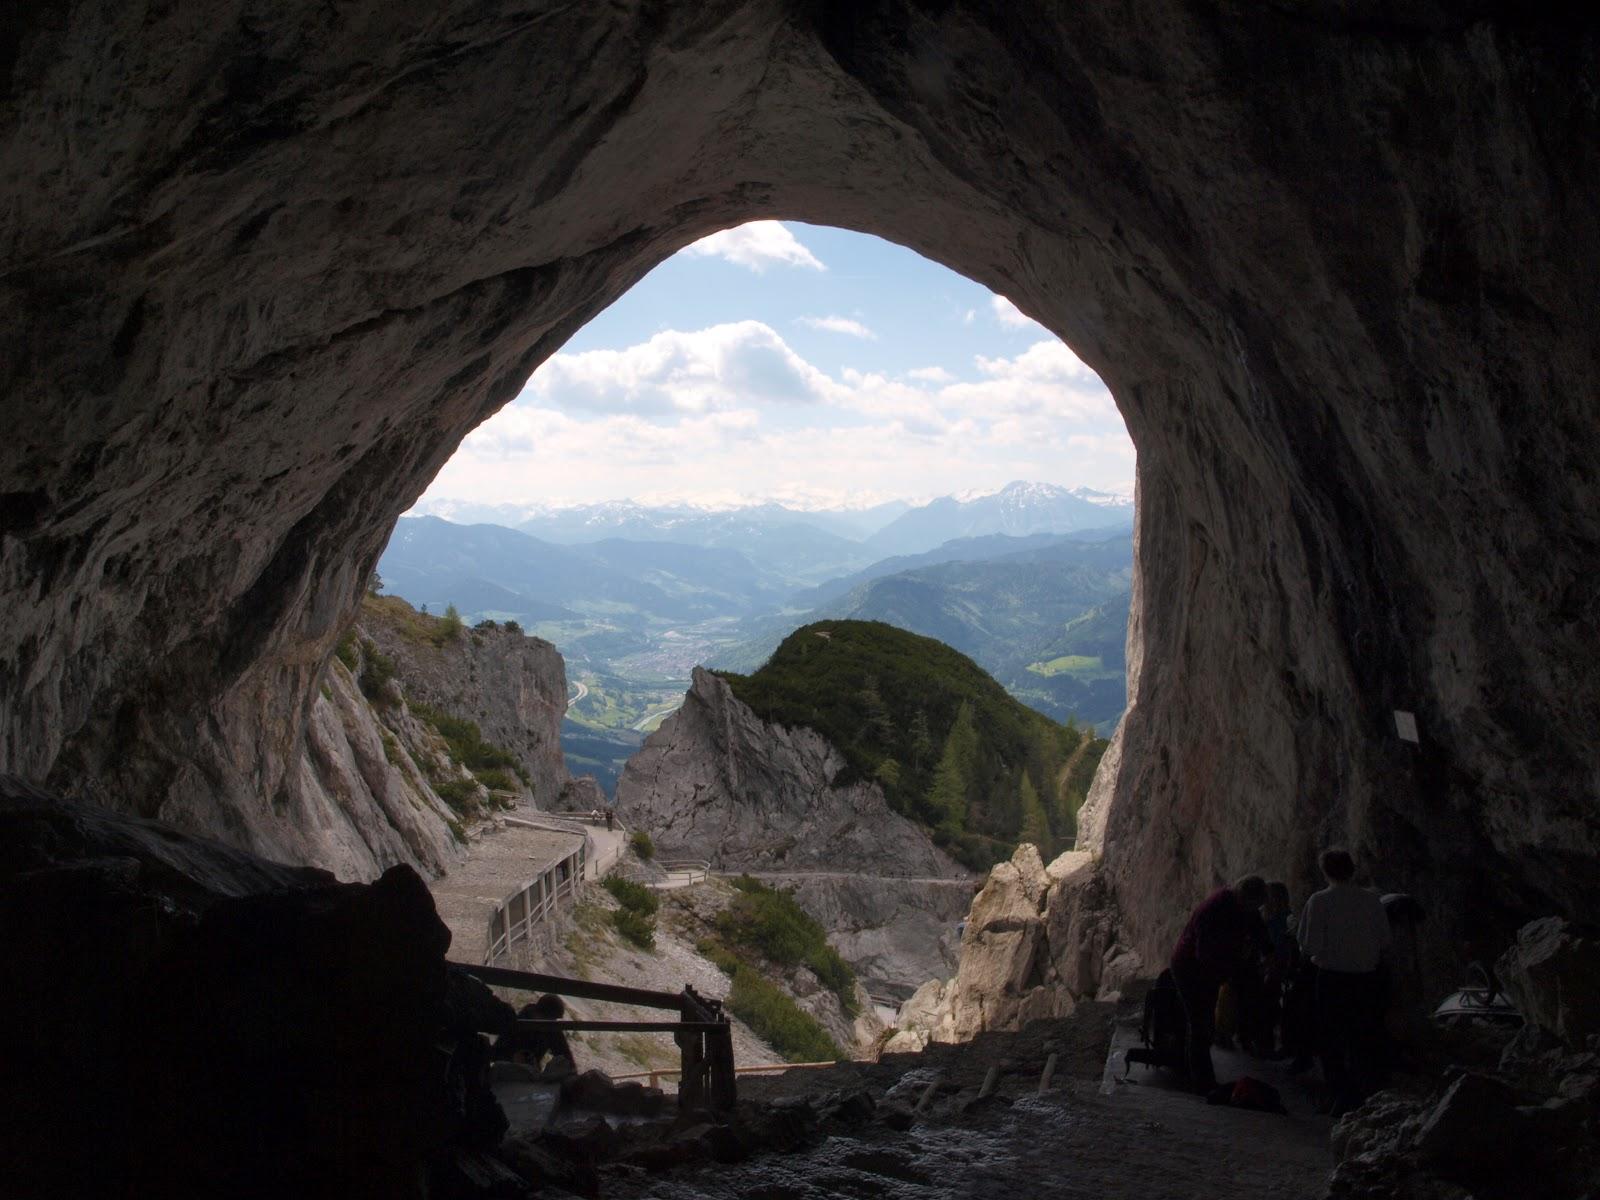 Y la única foto que pudimos sacar, desde la entrada de la cueva hacia afuera